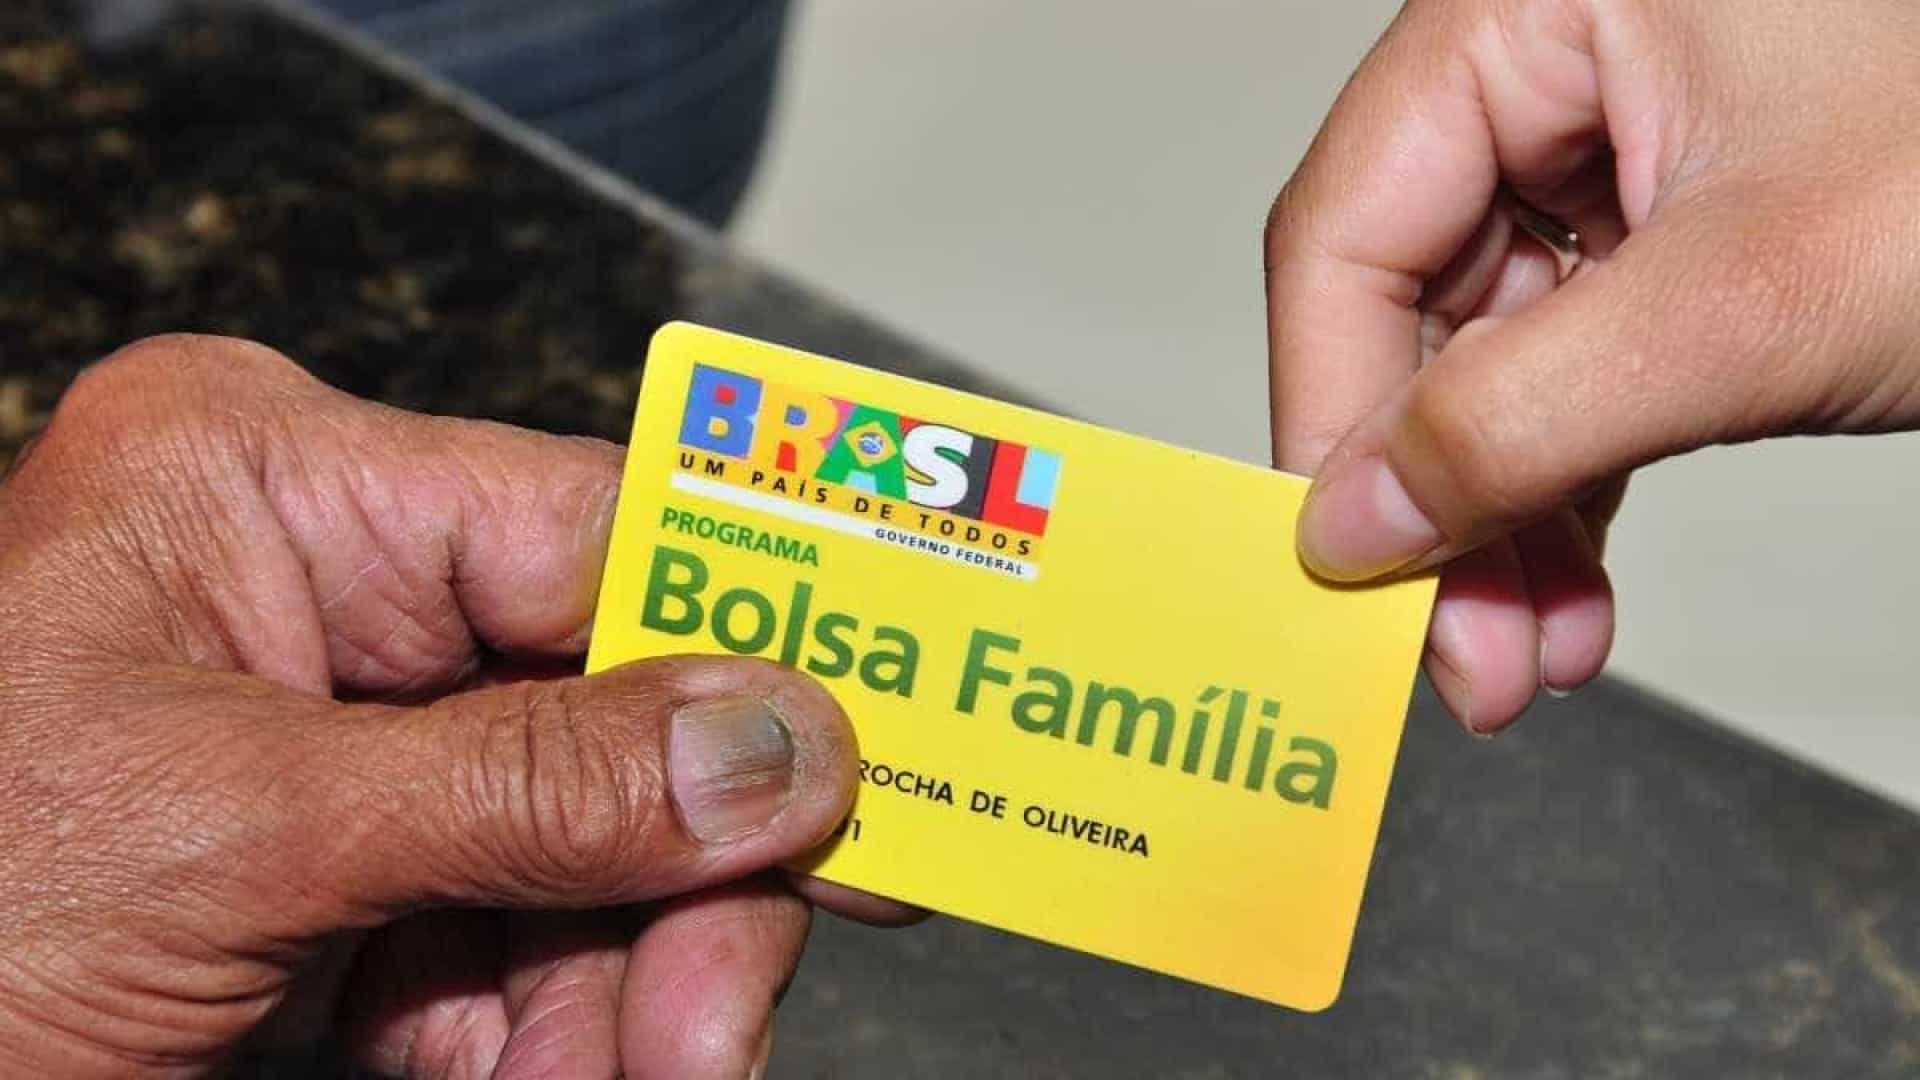 Reajuste do Bolsa Família está indefinido, diz ministro do Planejamento